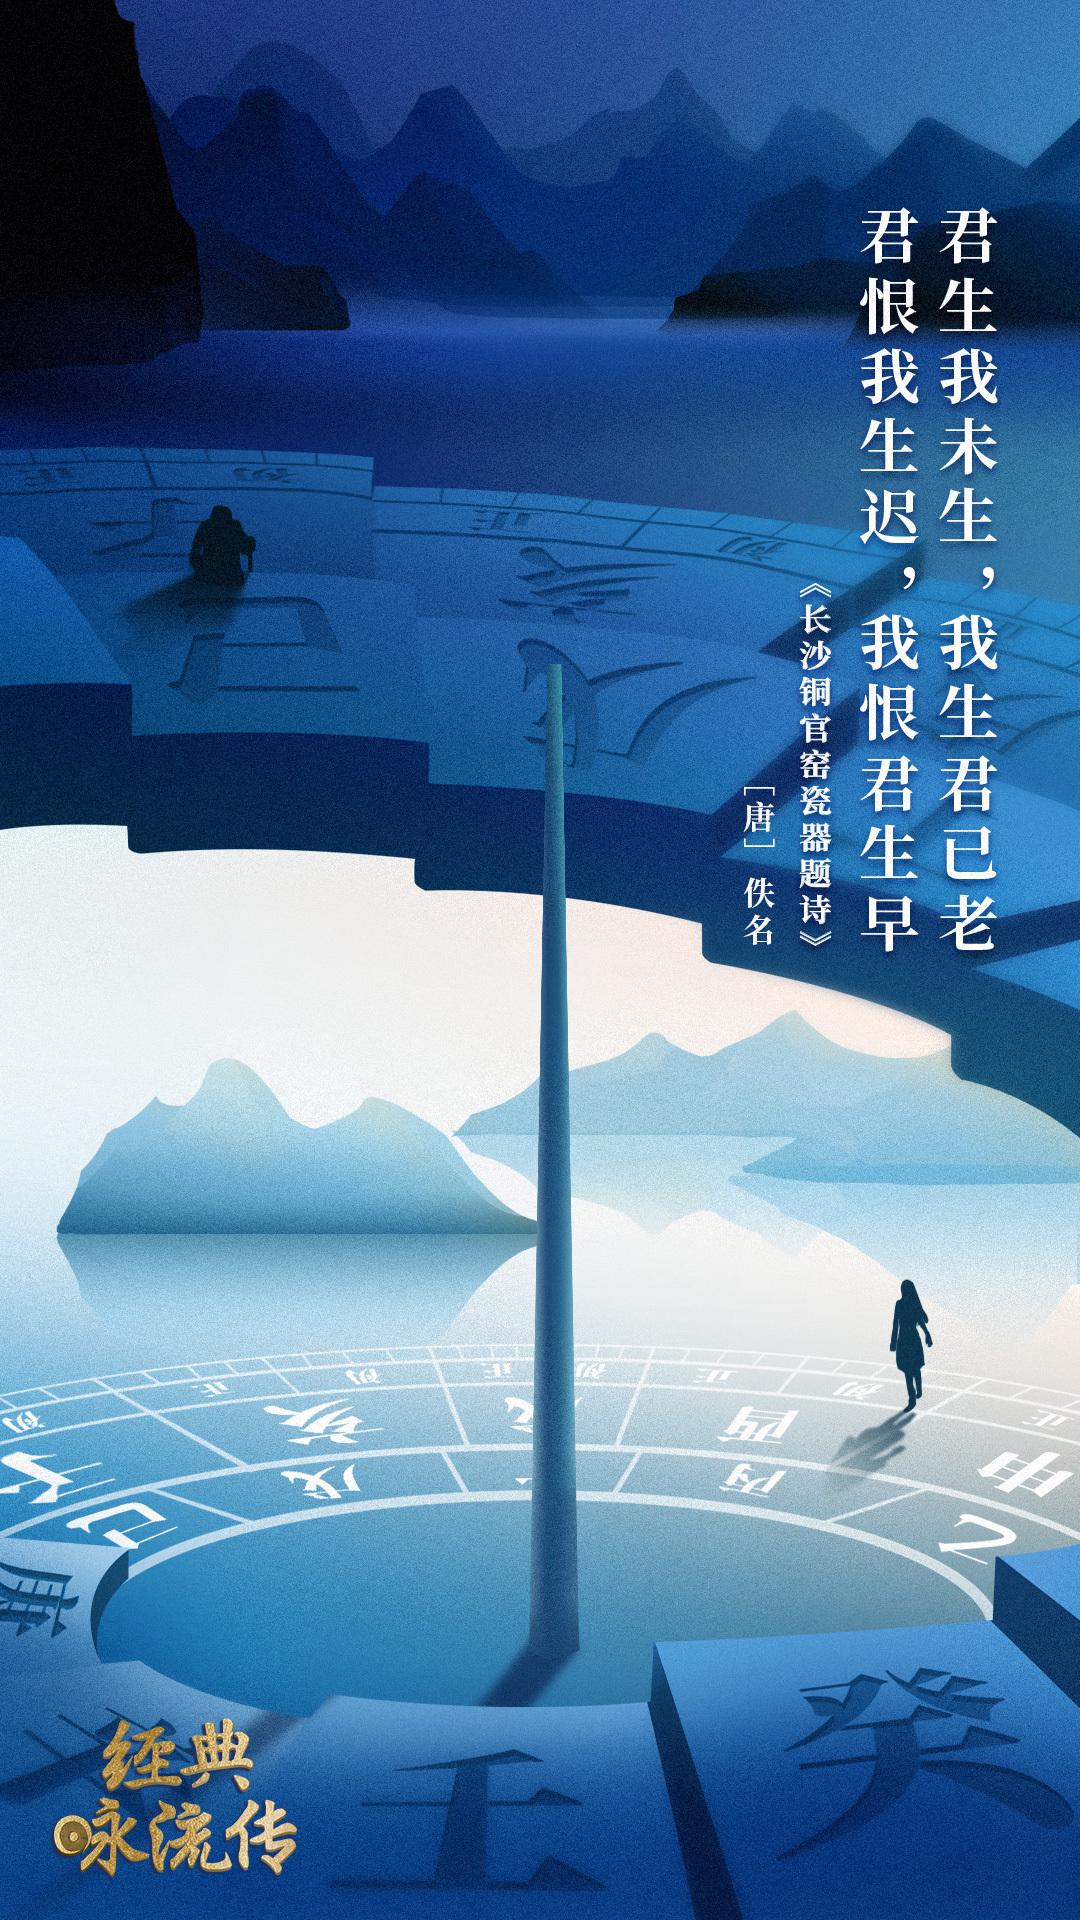 《经典咏流传》诗词意境海报合集 欣赏-第16张